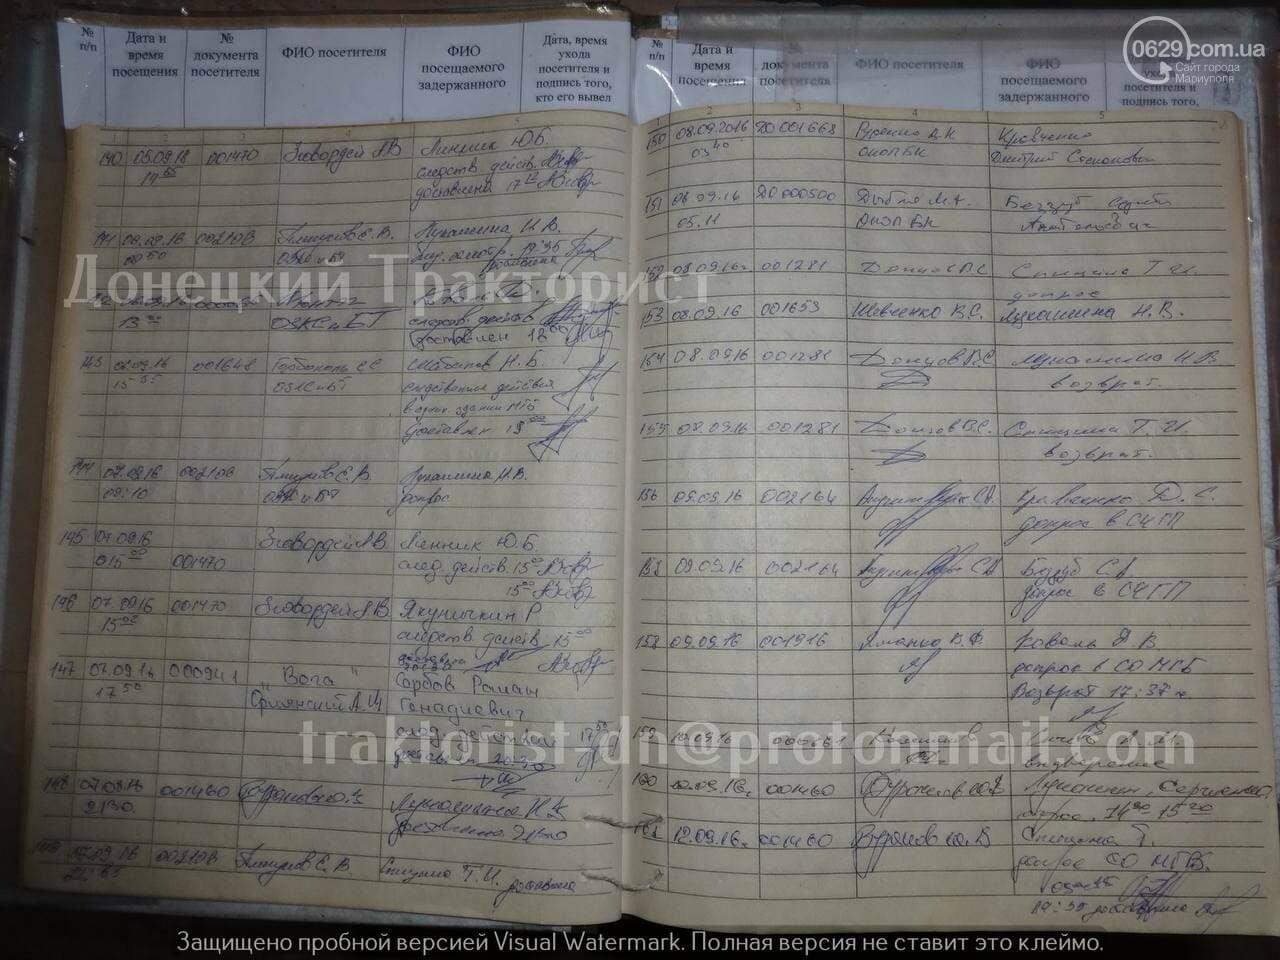 В соцсети появились фото концлагеря в Донецке. Прокуратура объявила подозрение одному из палачей, - ФОТО, фото-5